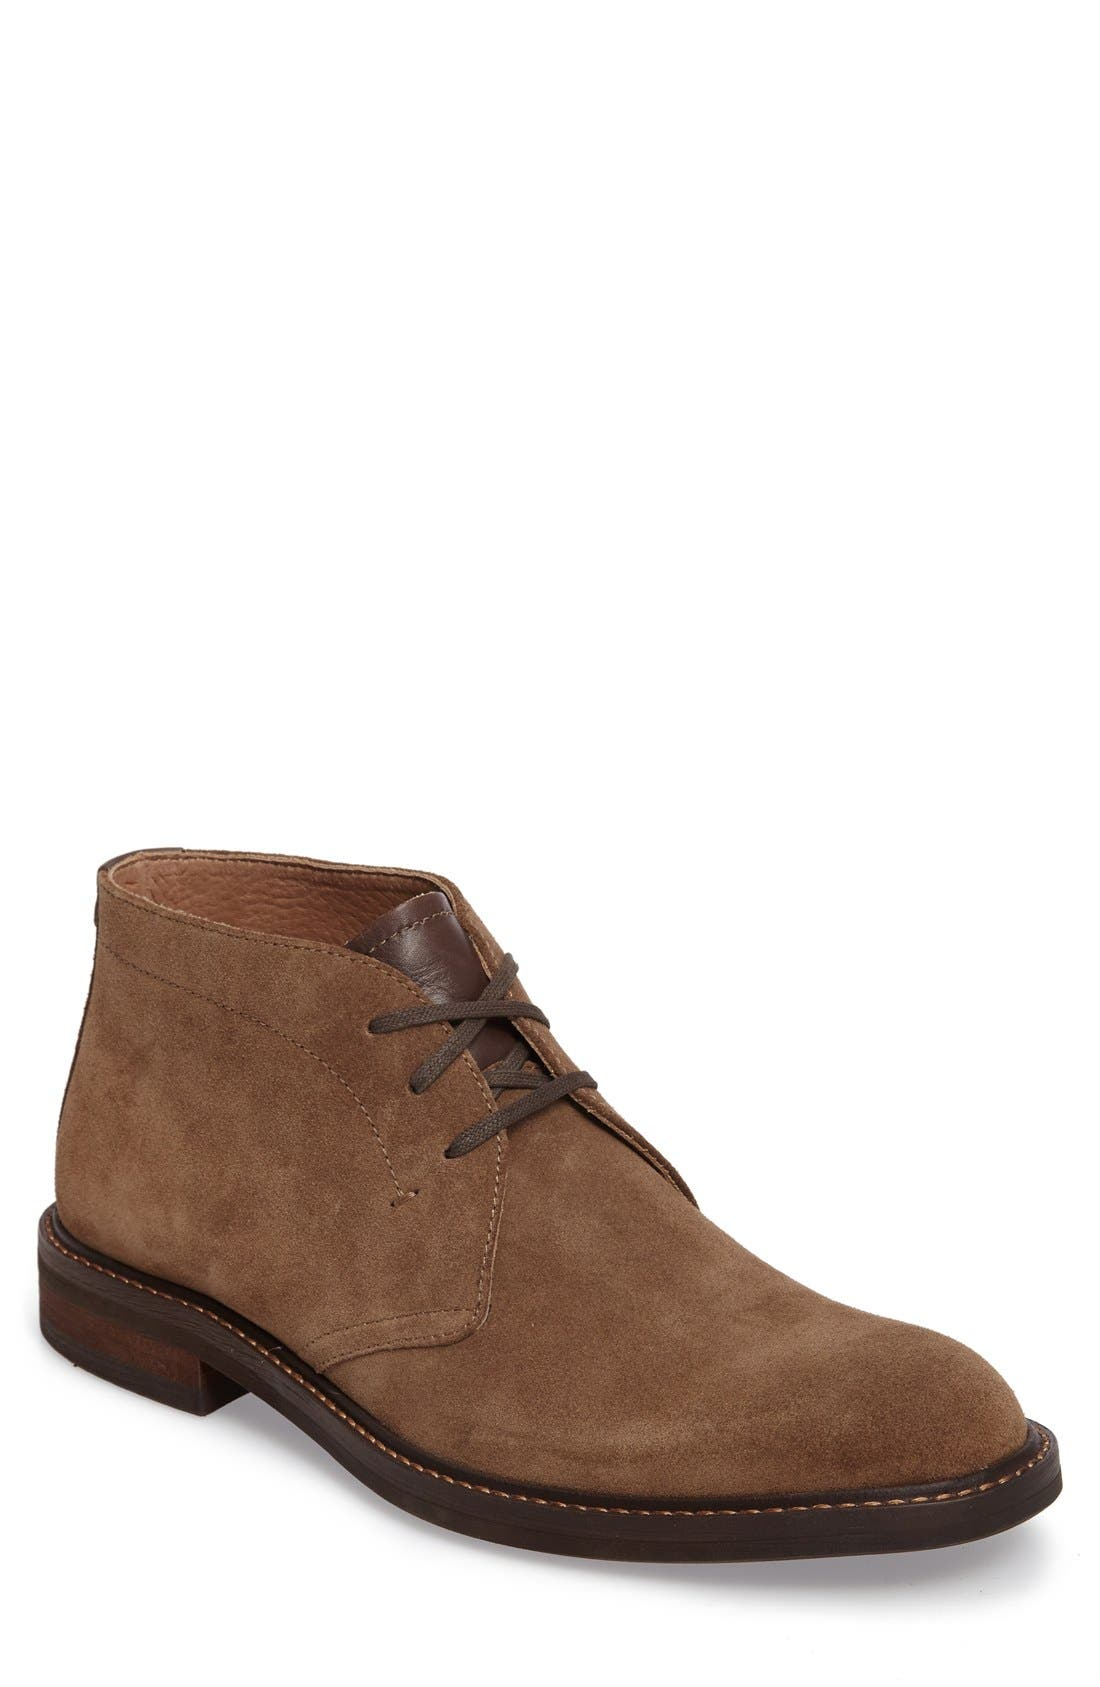 Alternate Image 1 Selected - 1901 Barrett Chukka Boot (Men)